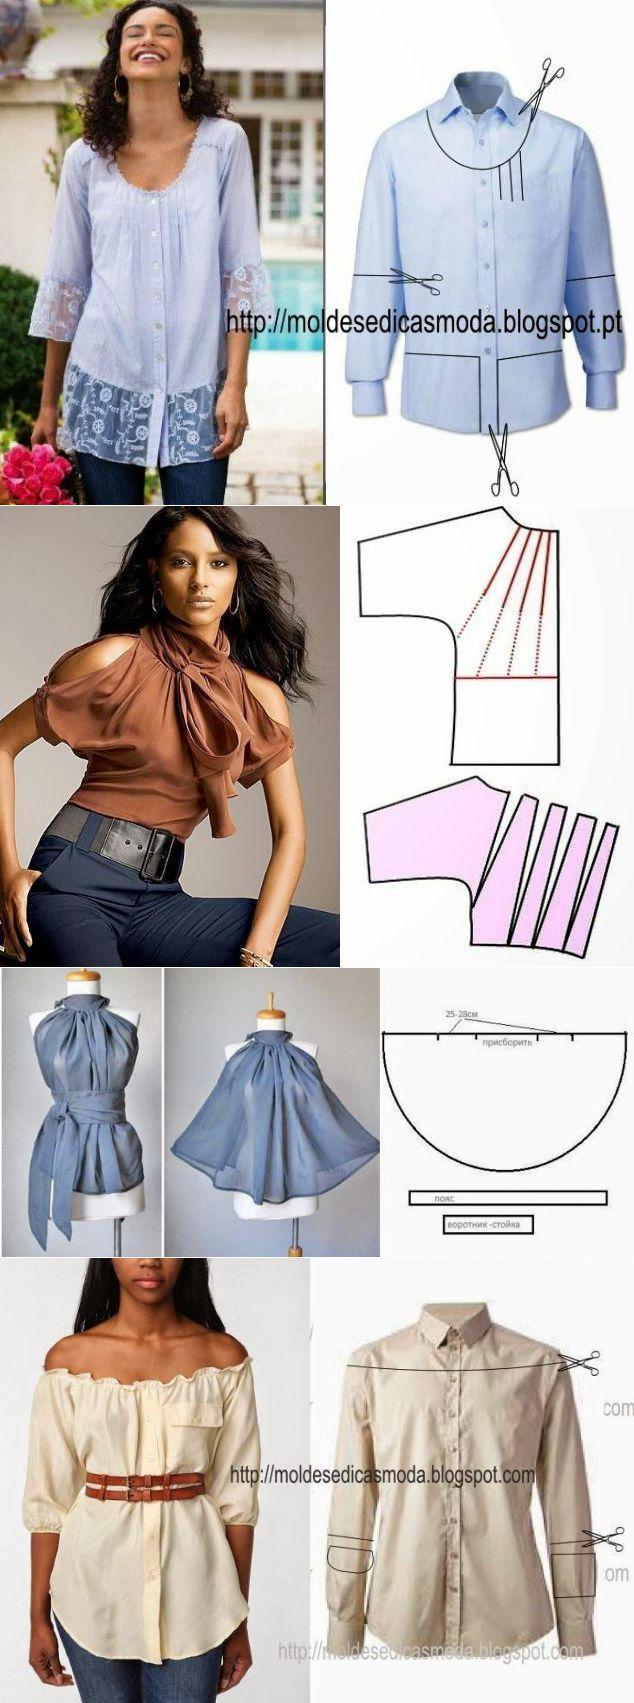 Бесплатные выкройки и идеи переделок одежды - огромная подборка (много фото) | Шитьё | Постила